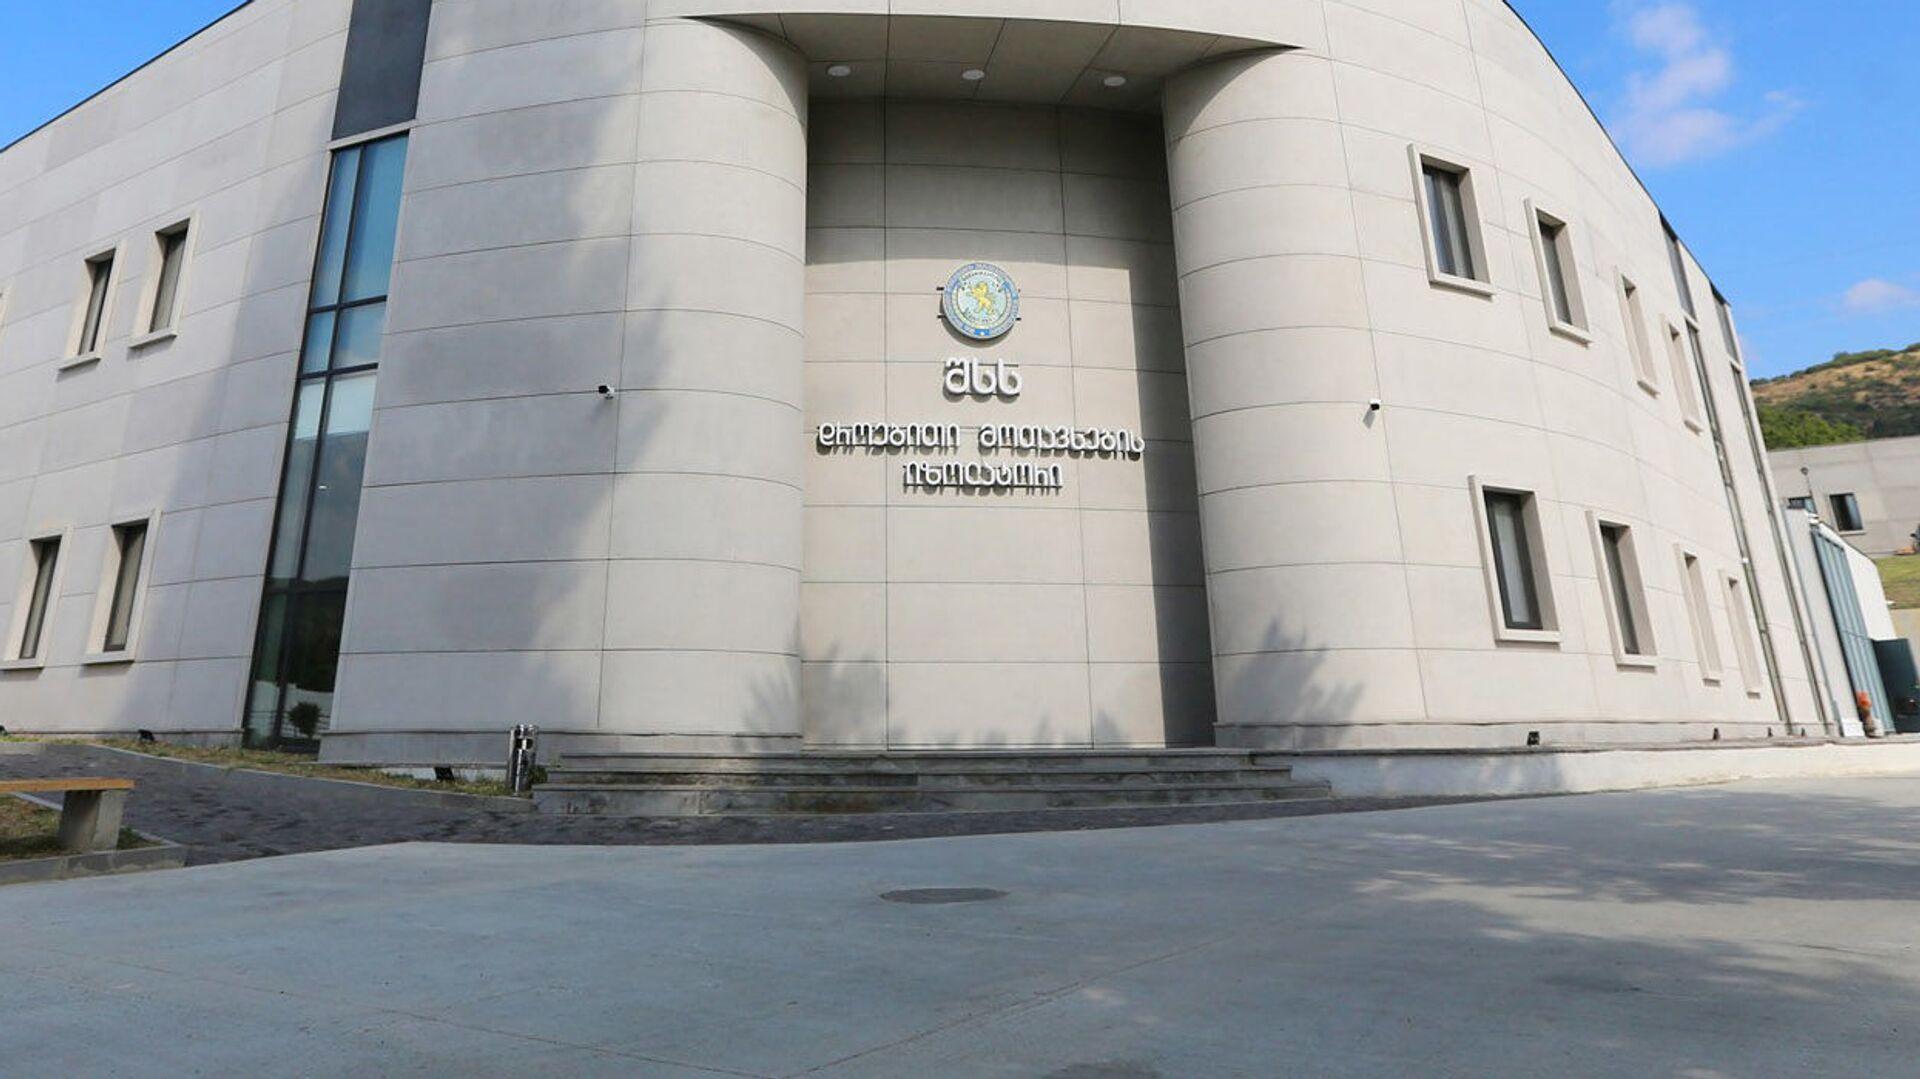 В Тбилиси открылся новый изолятор временного содержания МВД Грузии - Sputnik Грузия, 1920, 09.09.2021